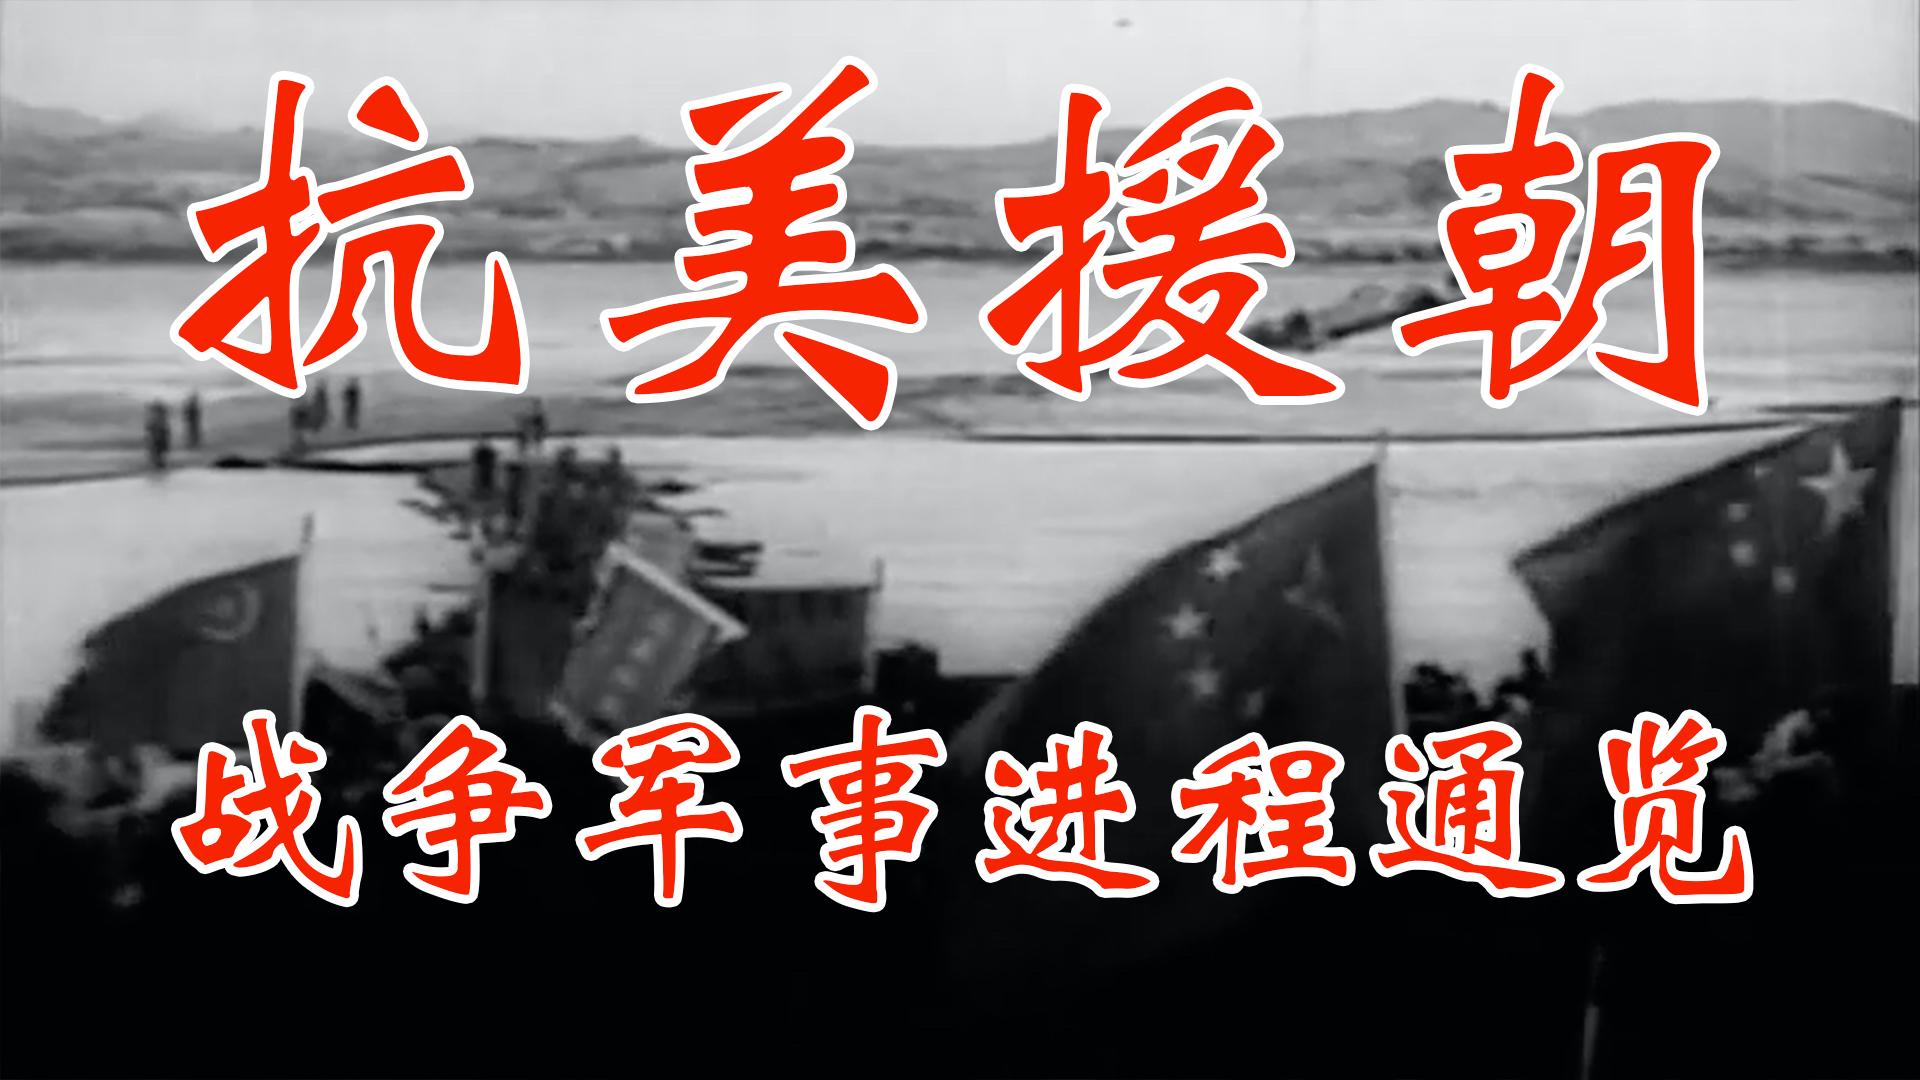 【大国角斗】抗美援朝战争军事进程通览